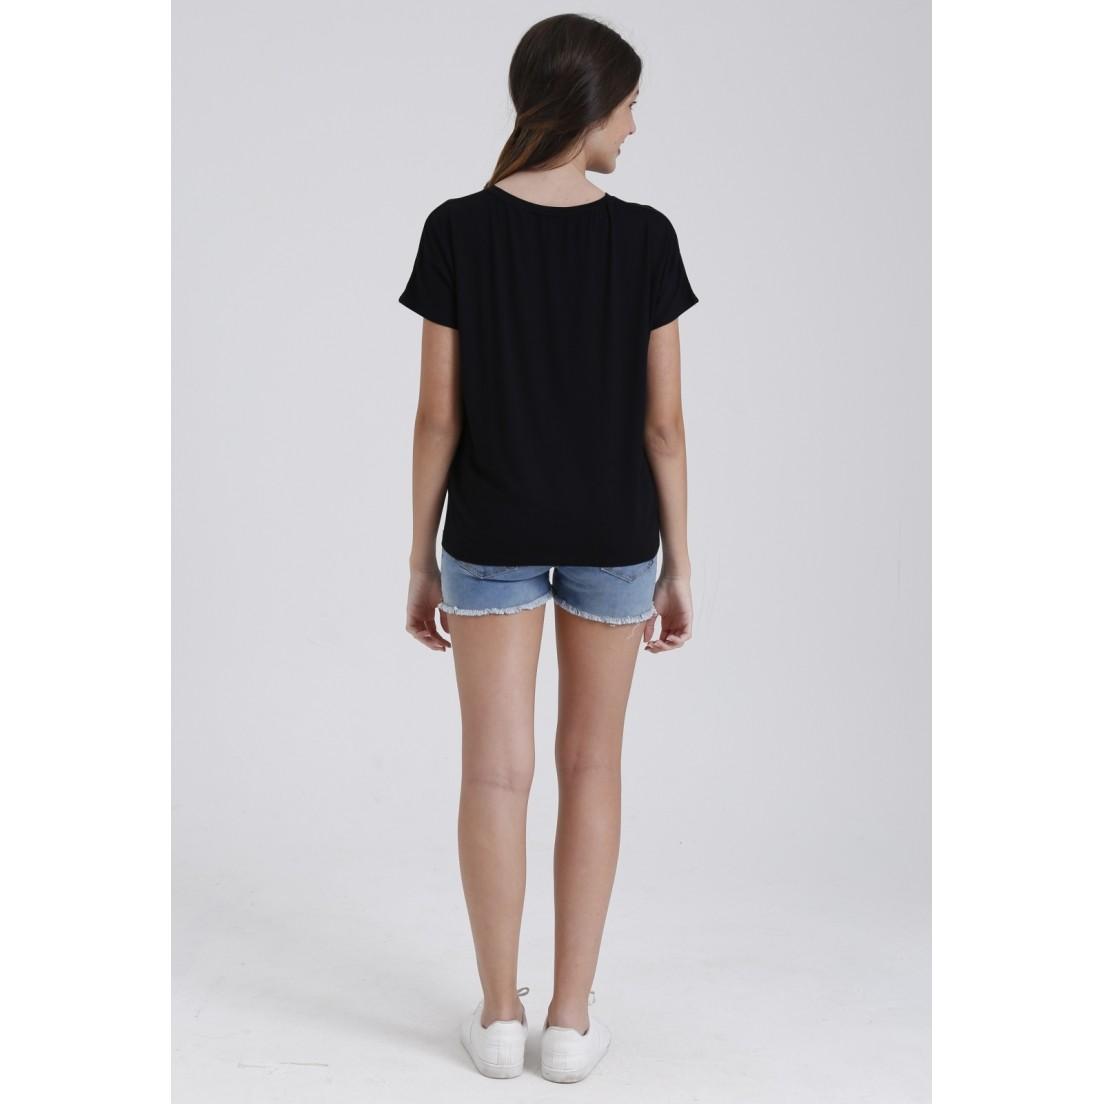 Camiseta Apart  - Metro & Co.